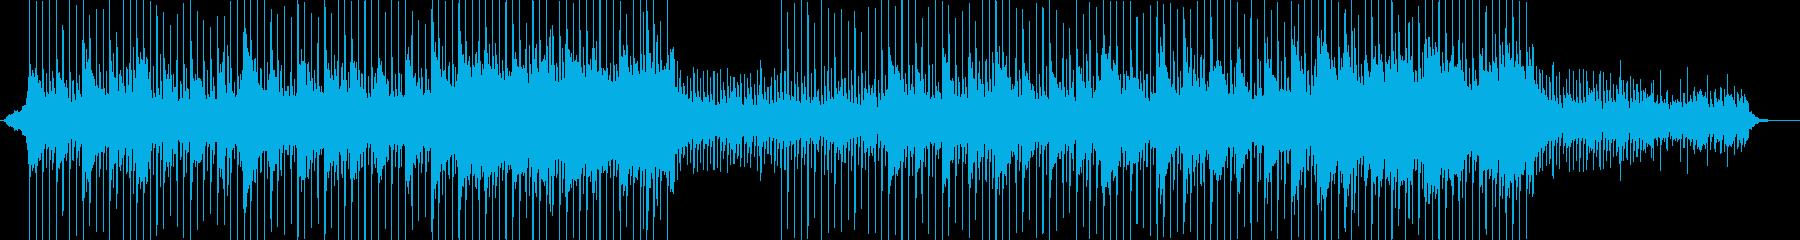 ひたむきに進んでゆくイメージのBGMの再生済みの波形